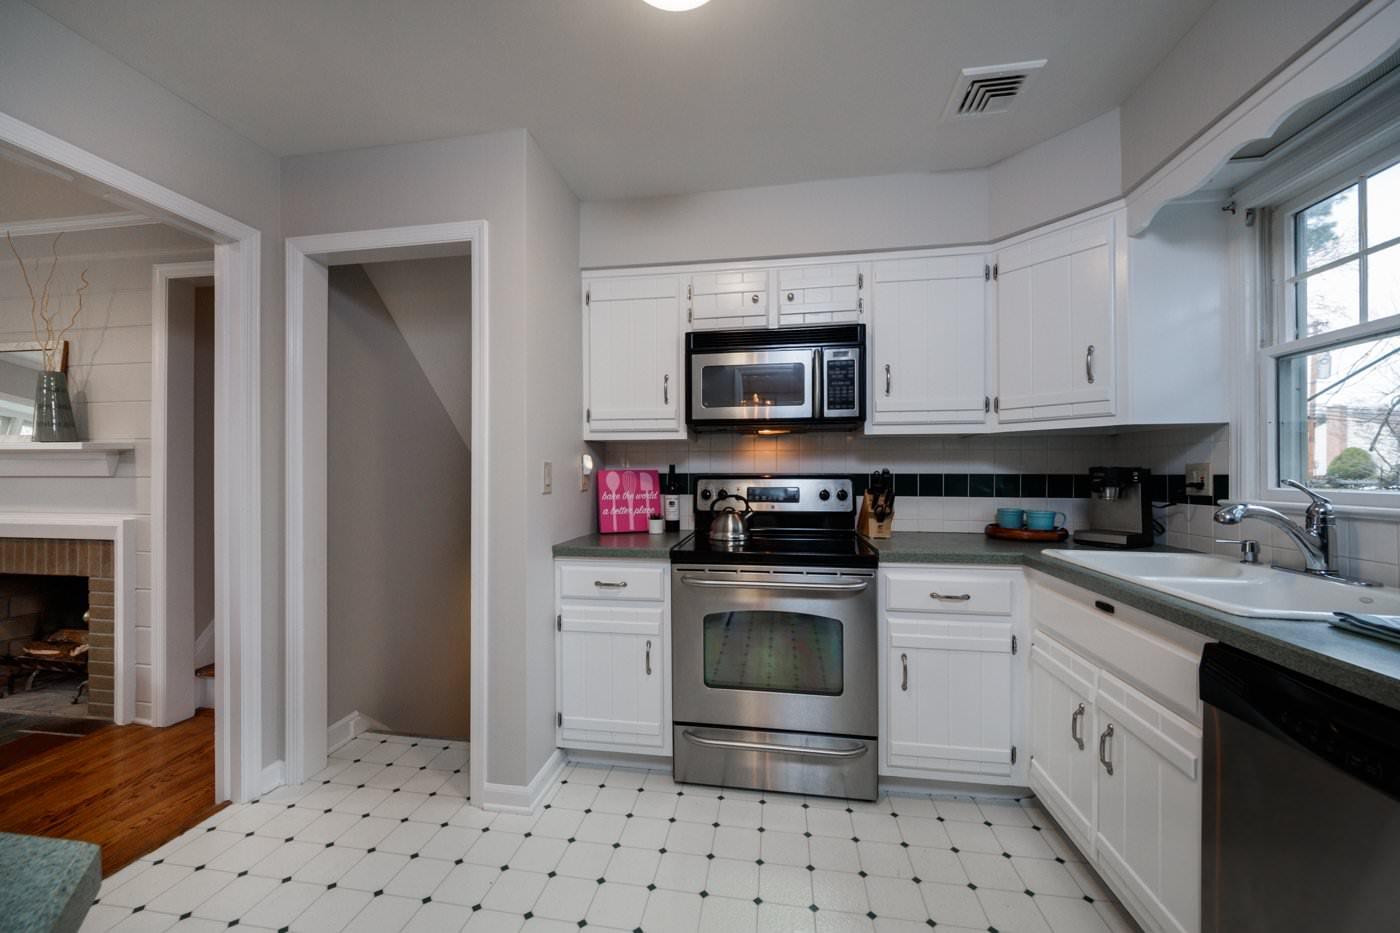 Kitchen cabinets summit nj - 91 Passaic Ave Summit Nj 07901